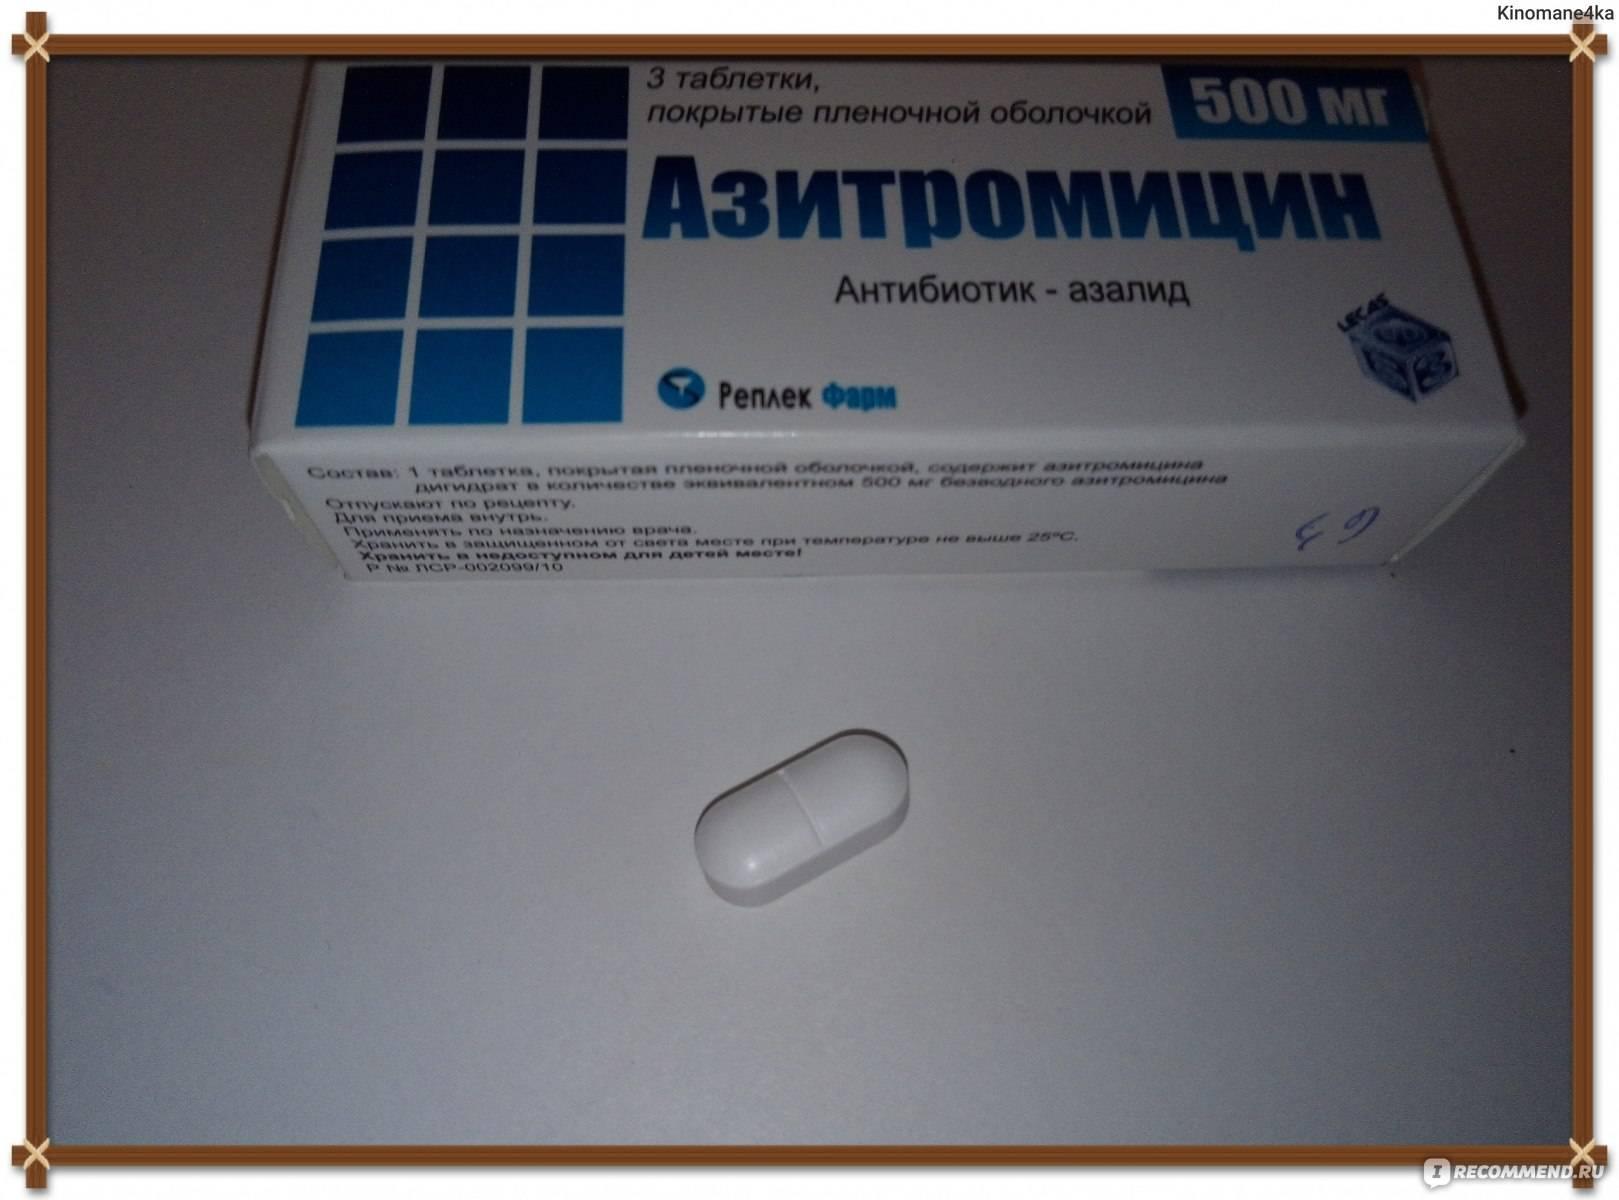 синусит антибиотик